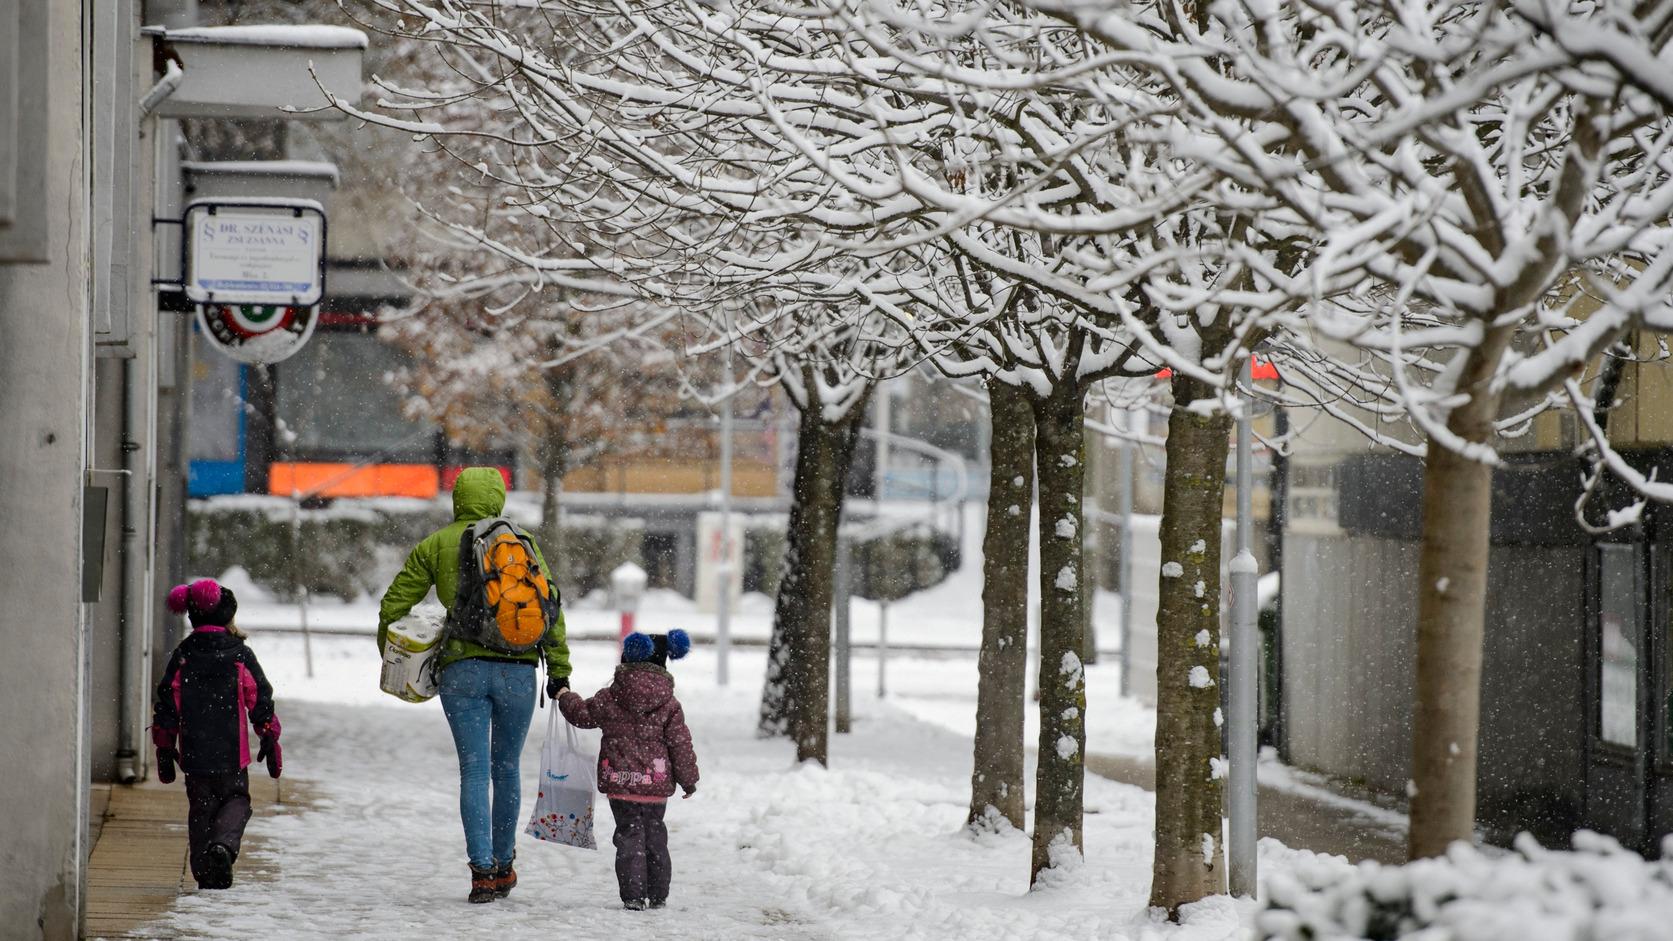 Járókelők a behavazott utcán Salgótarjánban (Fotó: MTI/Komka Péter)